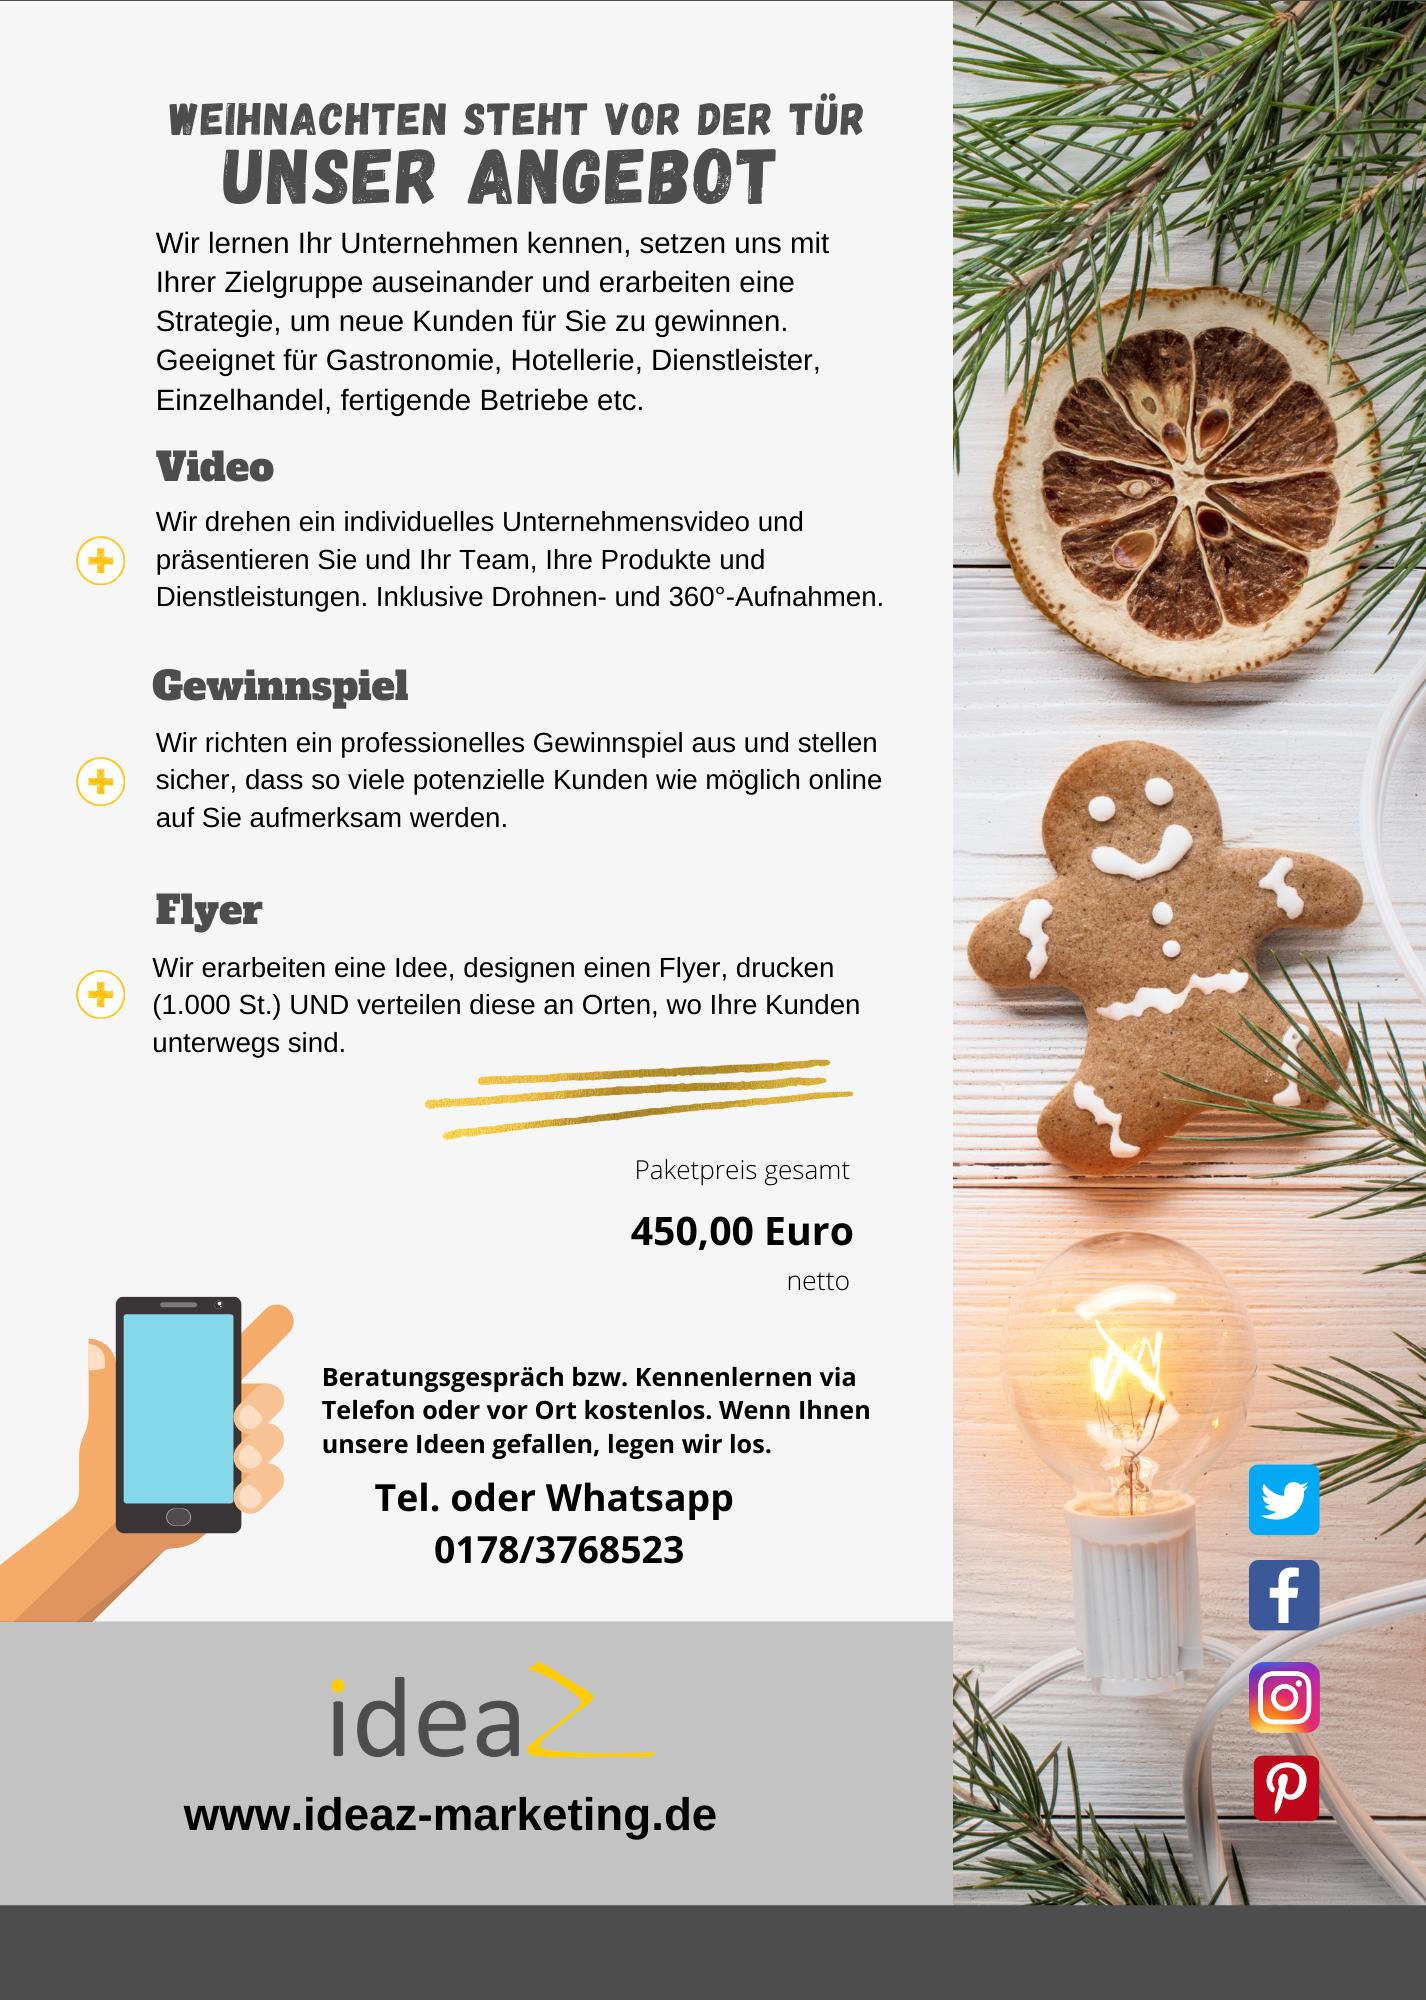 Corona Online Marketing Angebot für Unternehmen